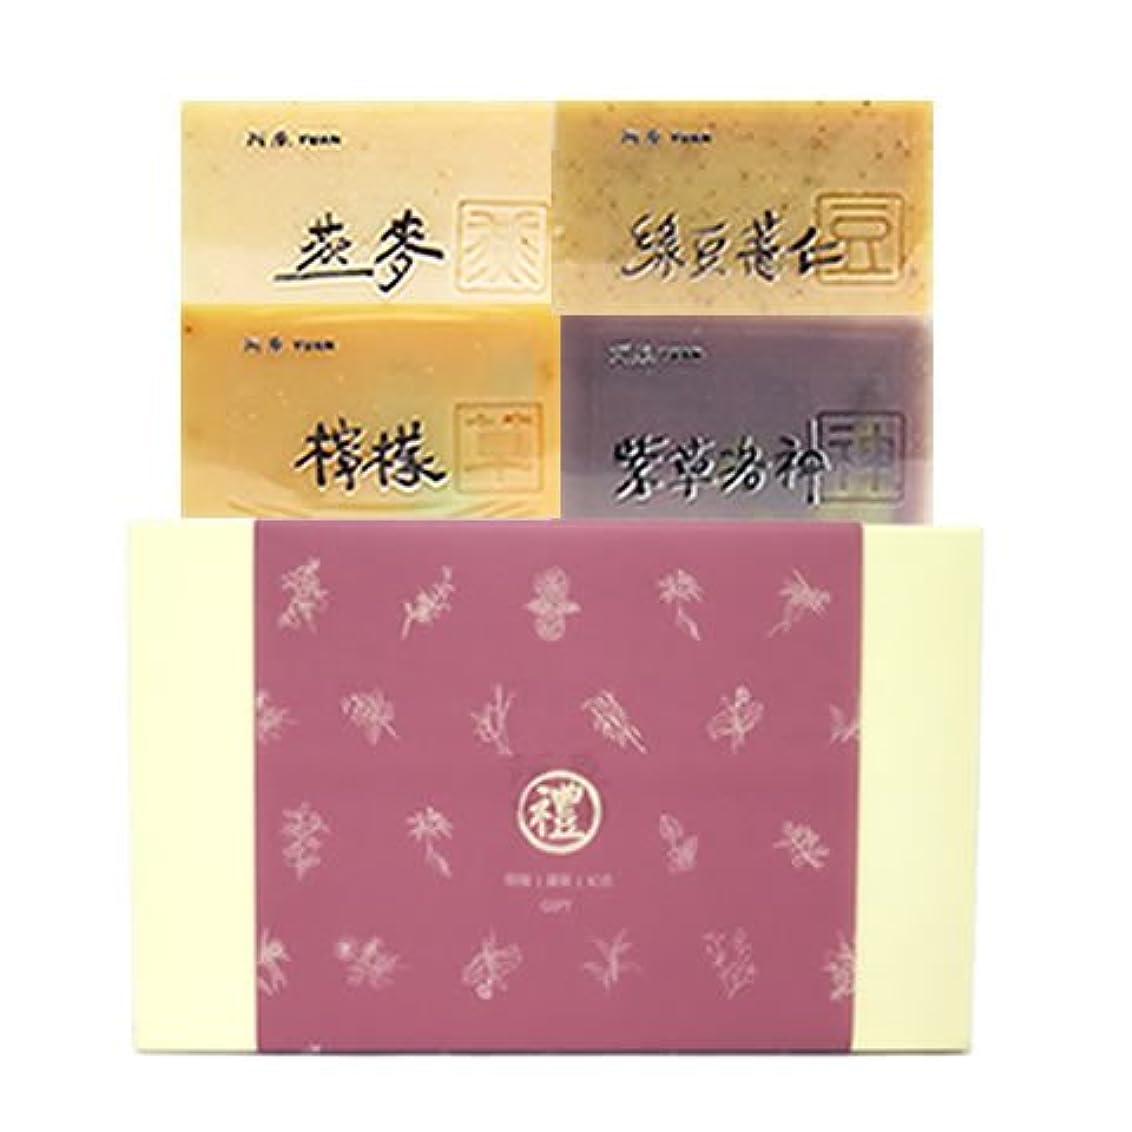 勉強するソーセージ誇りに思うユアン(YUAN) 美人ギフトセット ハトムギ、ハイビスカス、オートミール、レモンソープ(各100g)(阿原 石けん 台湾コスメ)